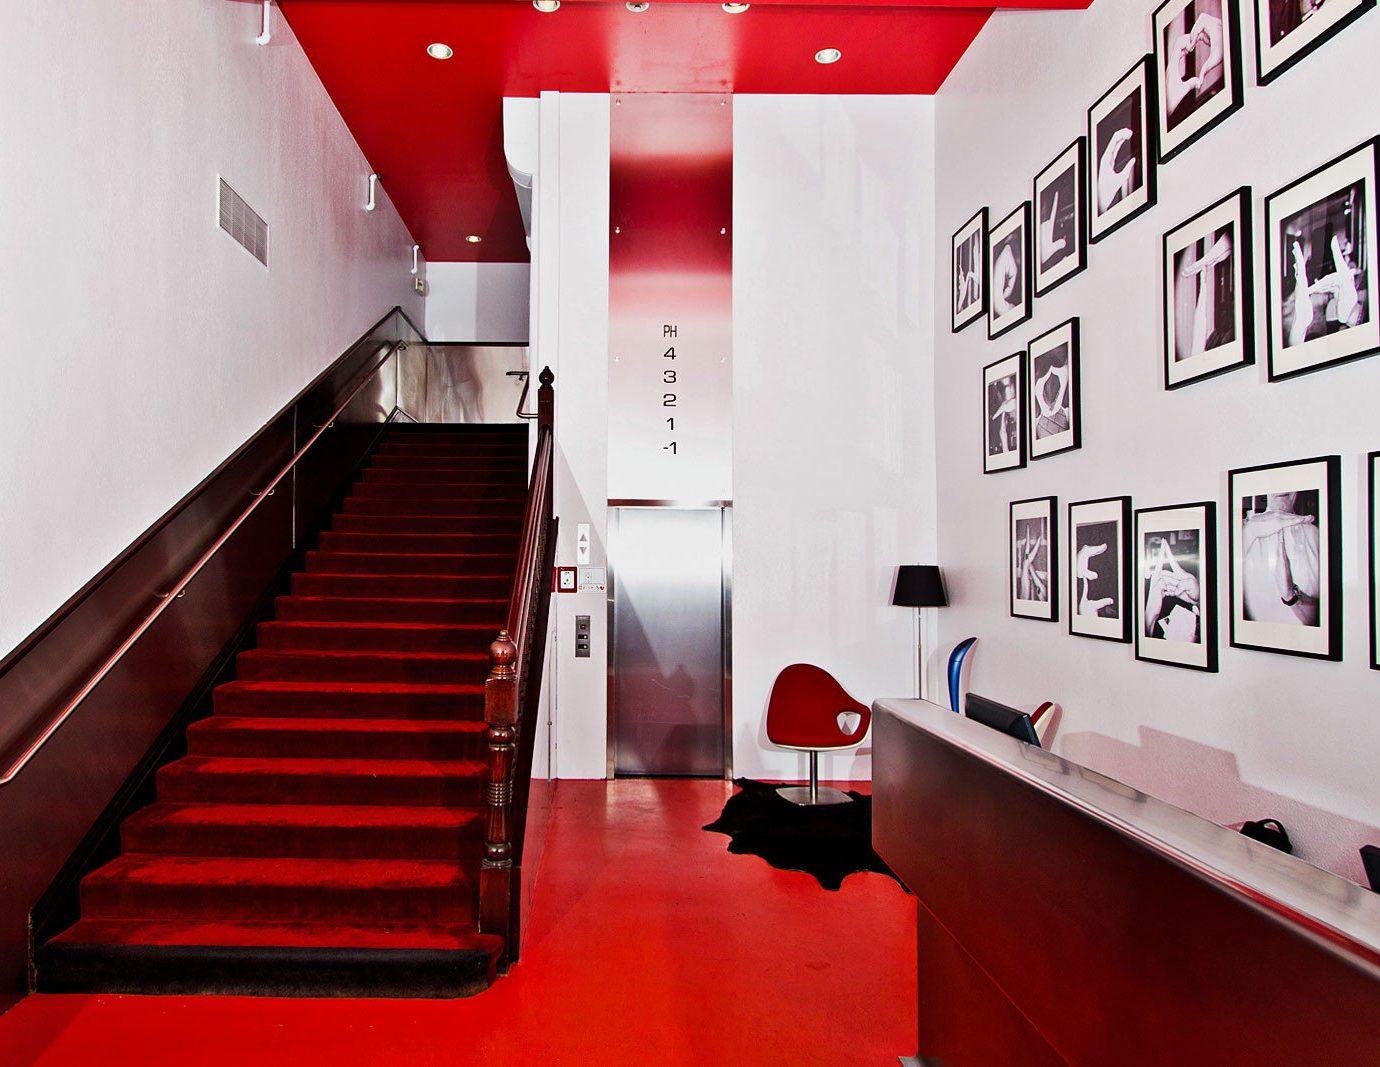 red sport venue auditorium